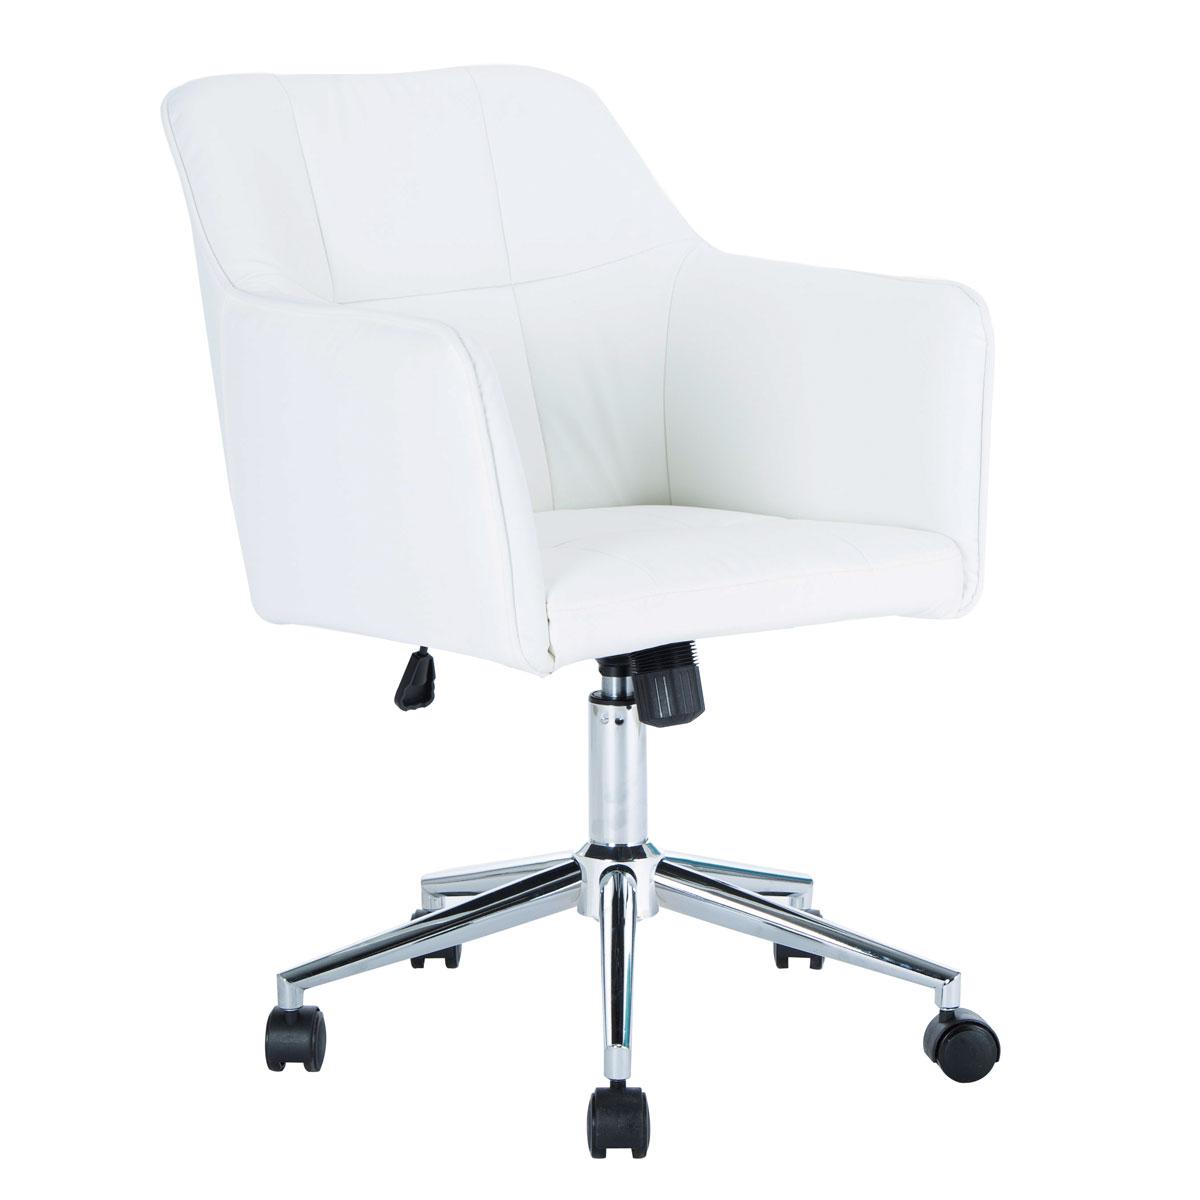 90357 SVITA JAKE Schreibtischstuhl mit Armlehnen Höhenverstellbar Drehstuhl mit Rollen Kunstleder Weiß